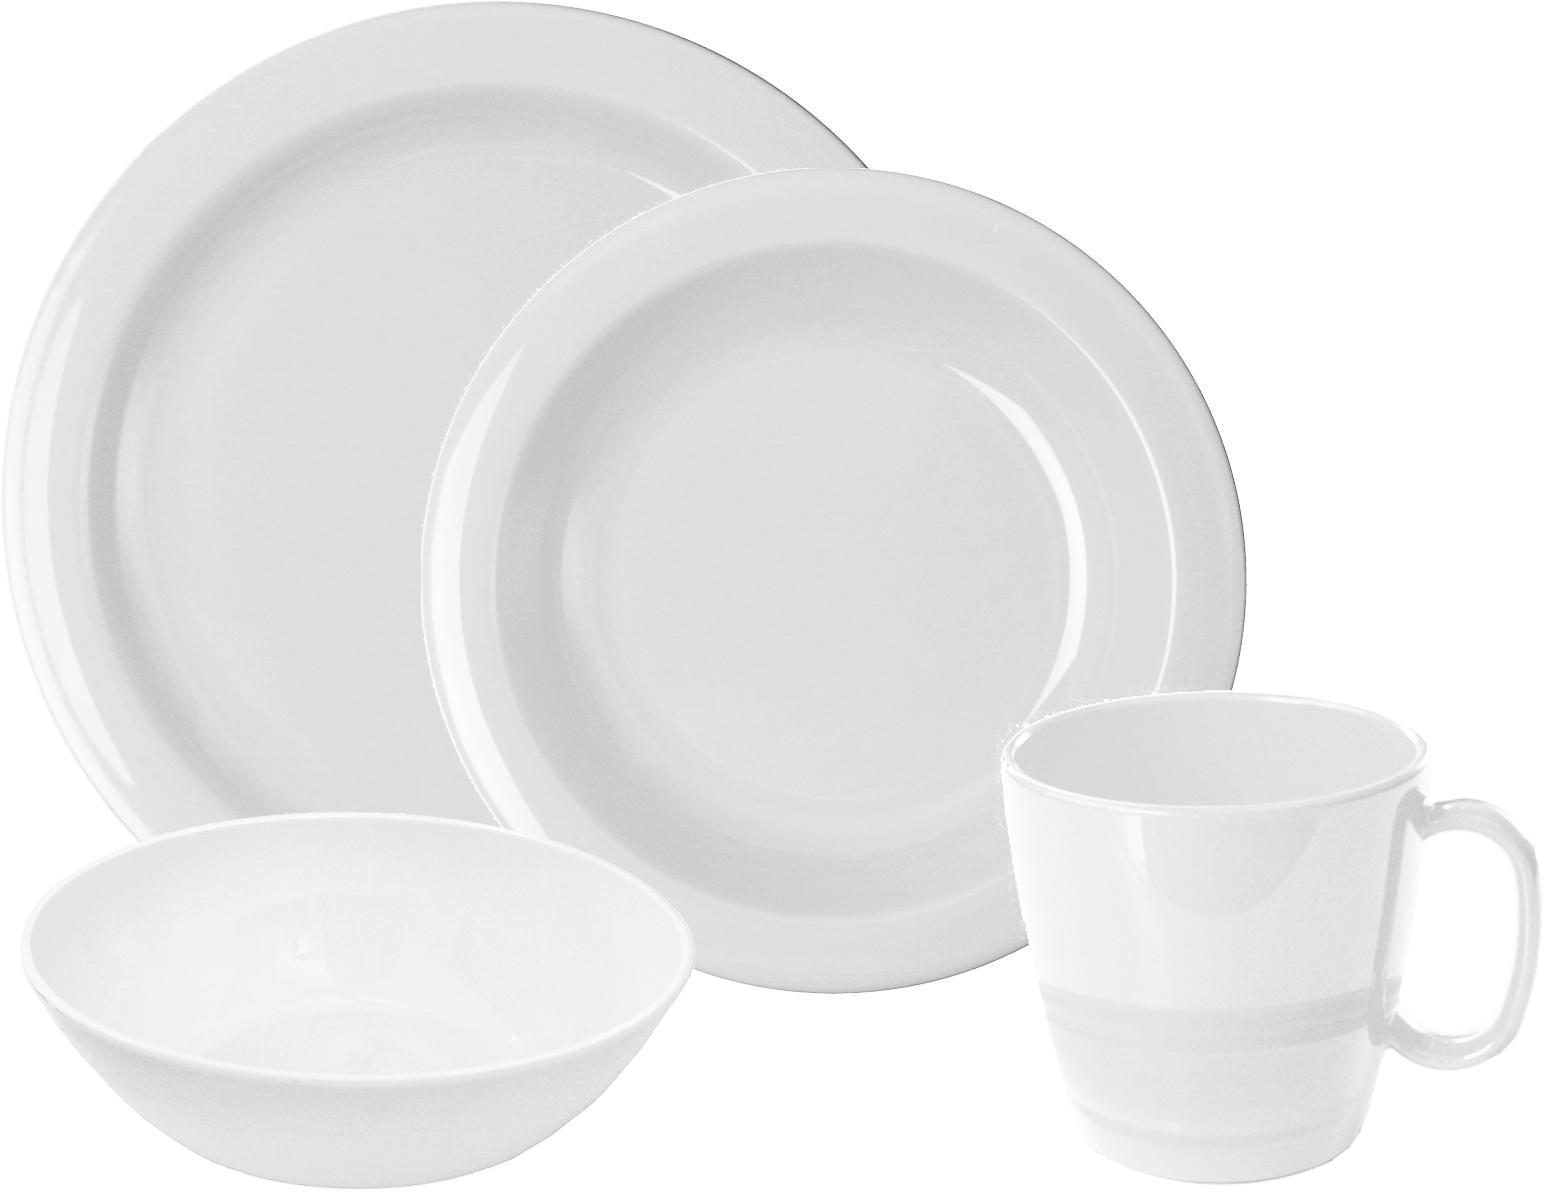 WACA Frühstücks-Geschirrset, (Set, 8 tlg.) weiß Frühstücksset Eierbecher Geschirr, Porzellan Tischaccessoires Haushaltswaren Frühstücks-Geschirrset